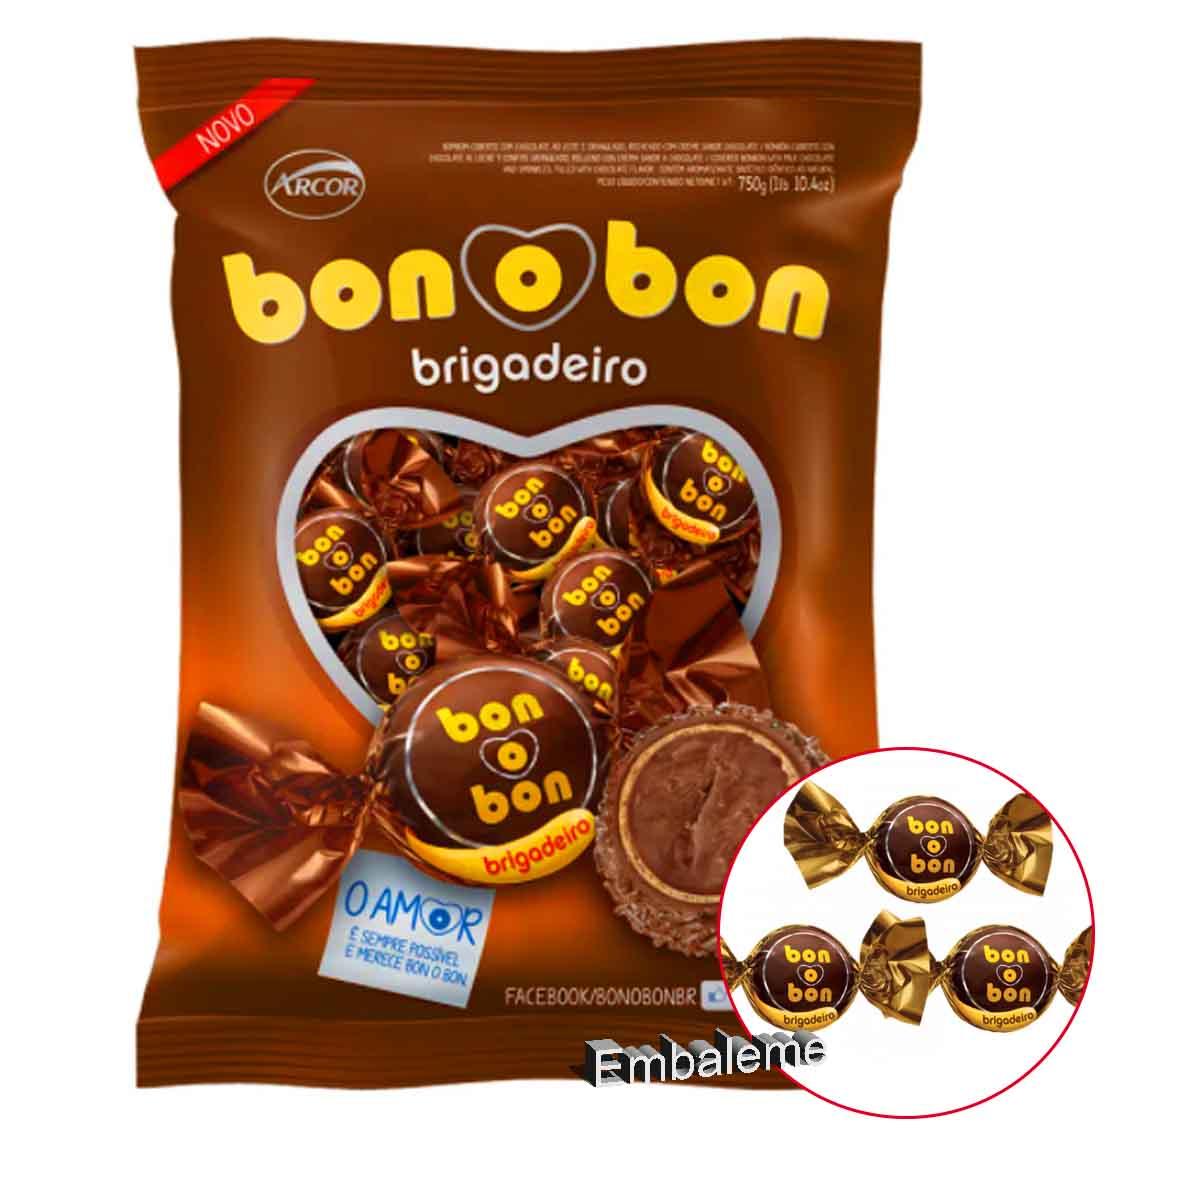 Bombom Arcor Brigadeiro Bonobom C/50 Unidades